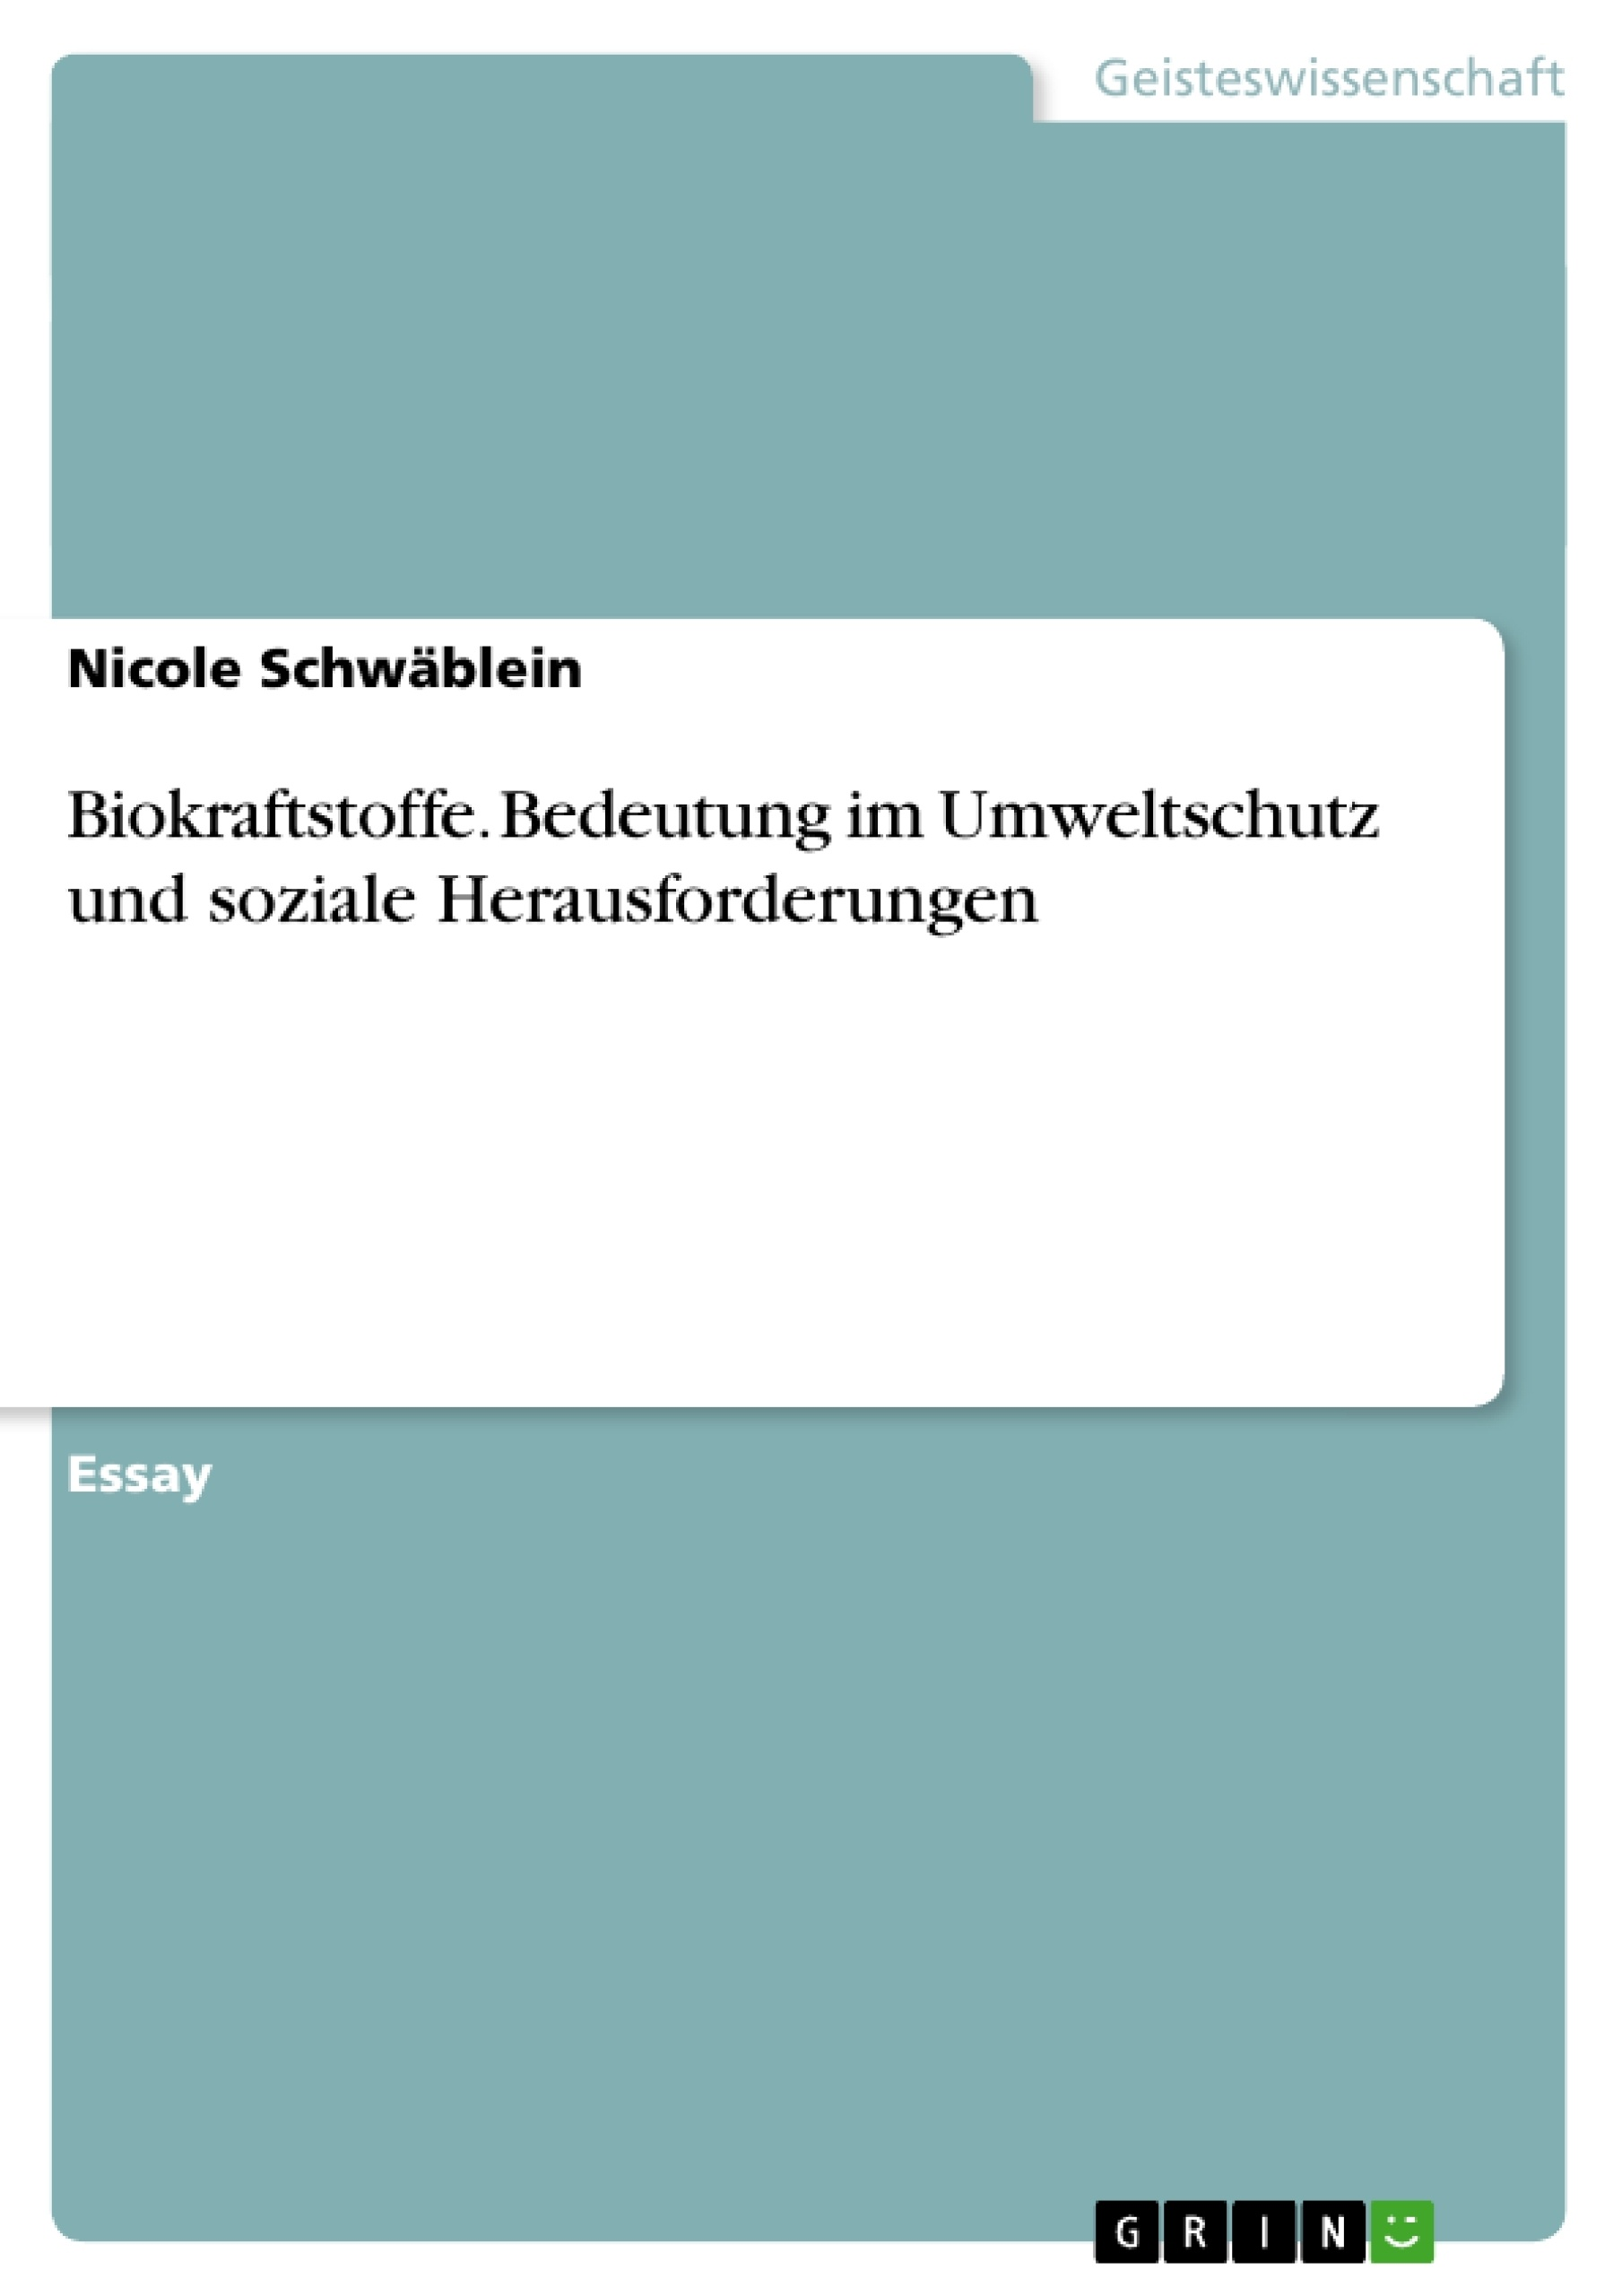 Titel: Biokraftstoffe. Bedeutung im Umweltschutz und soziale Herausforderungen